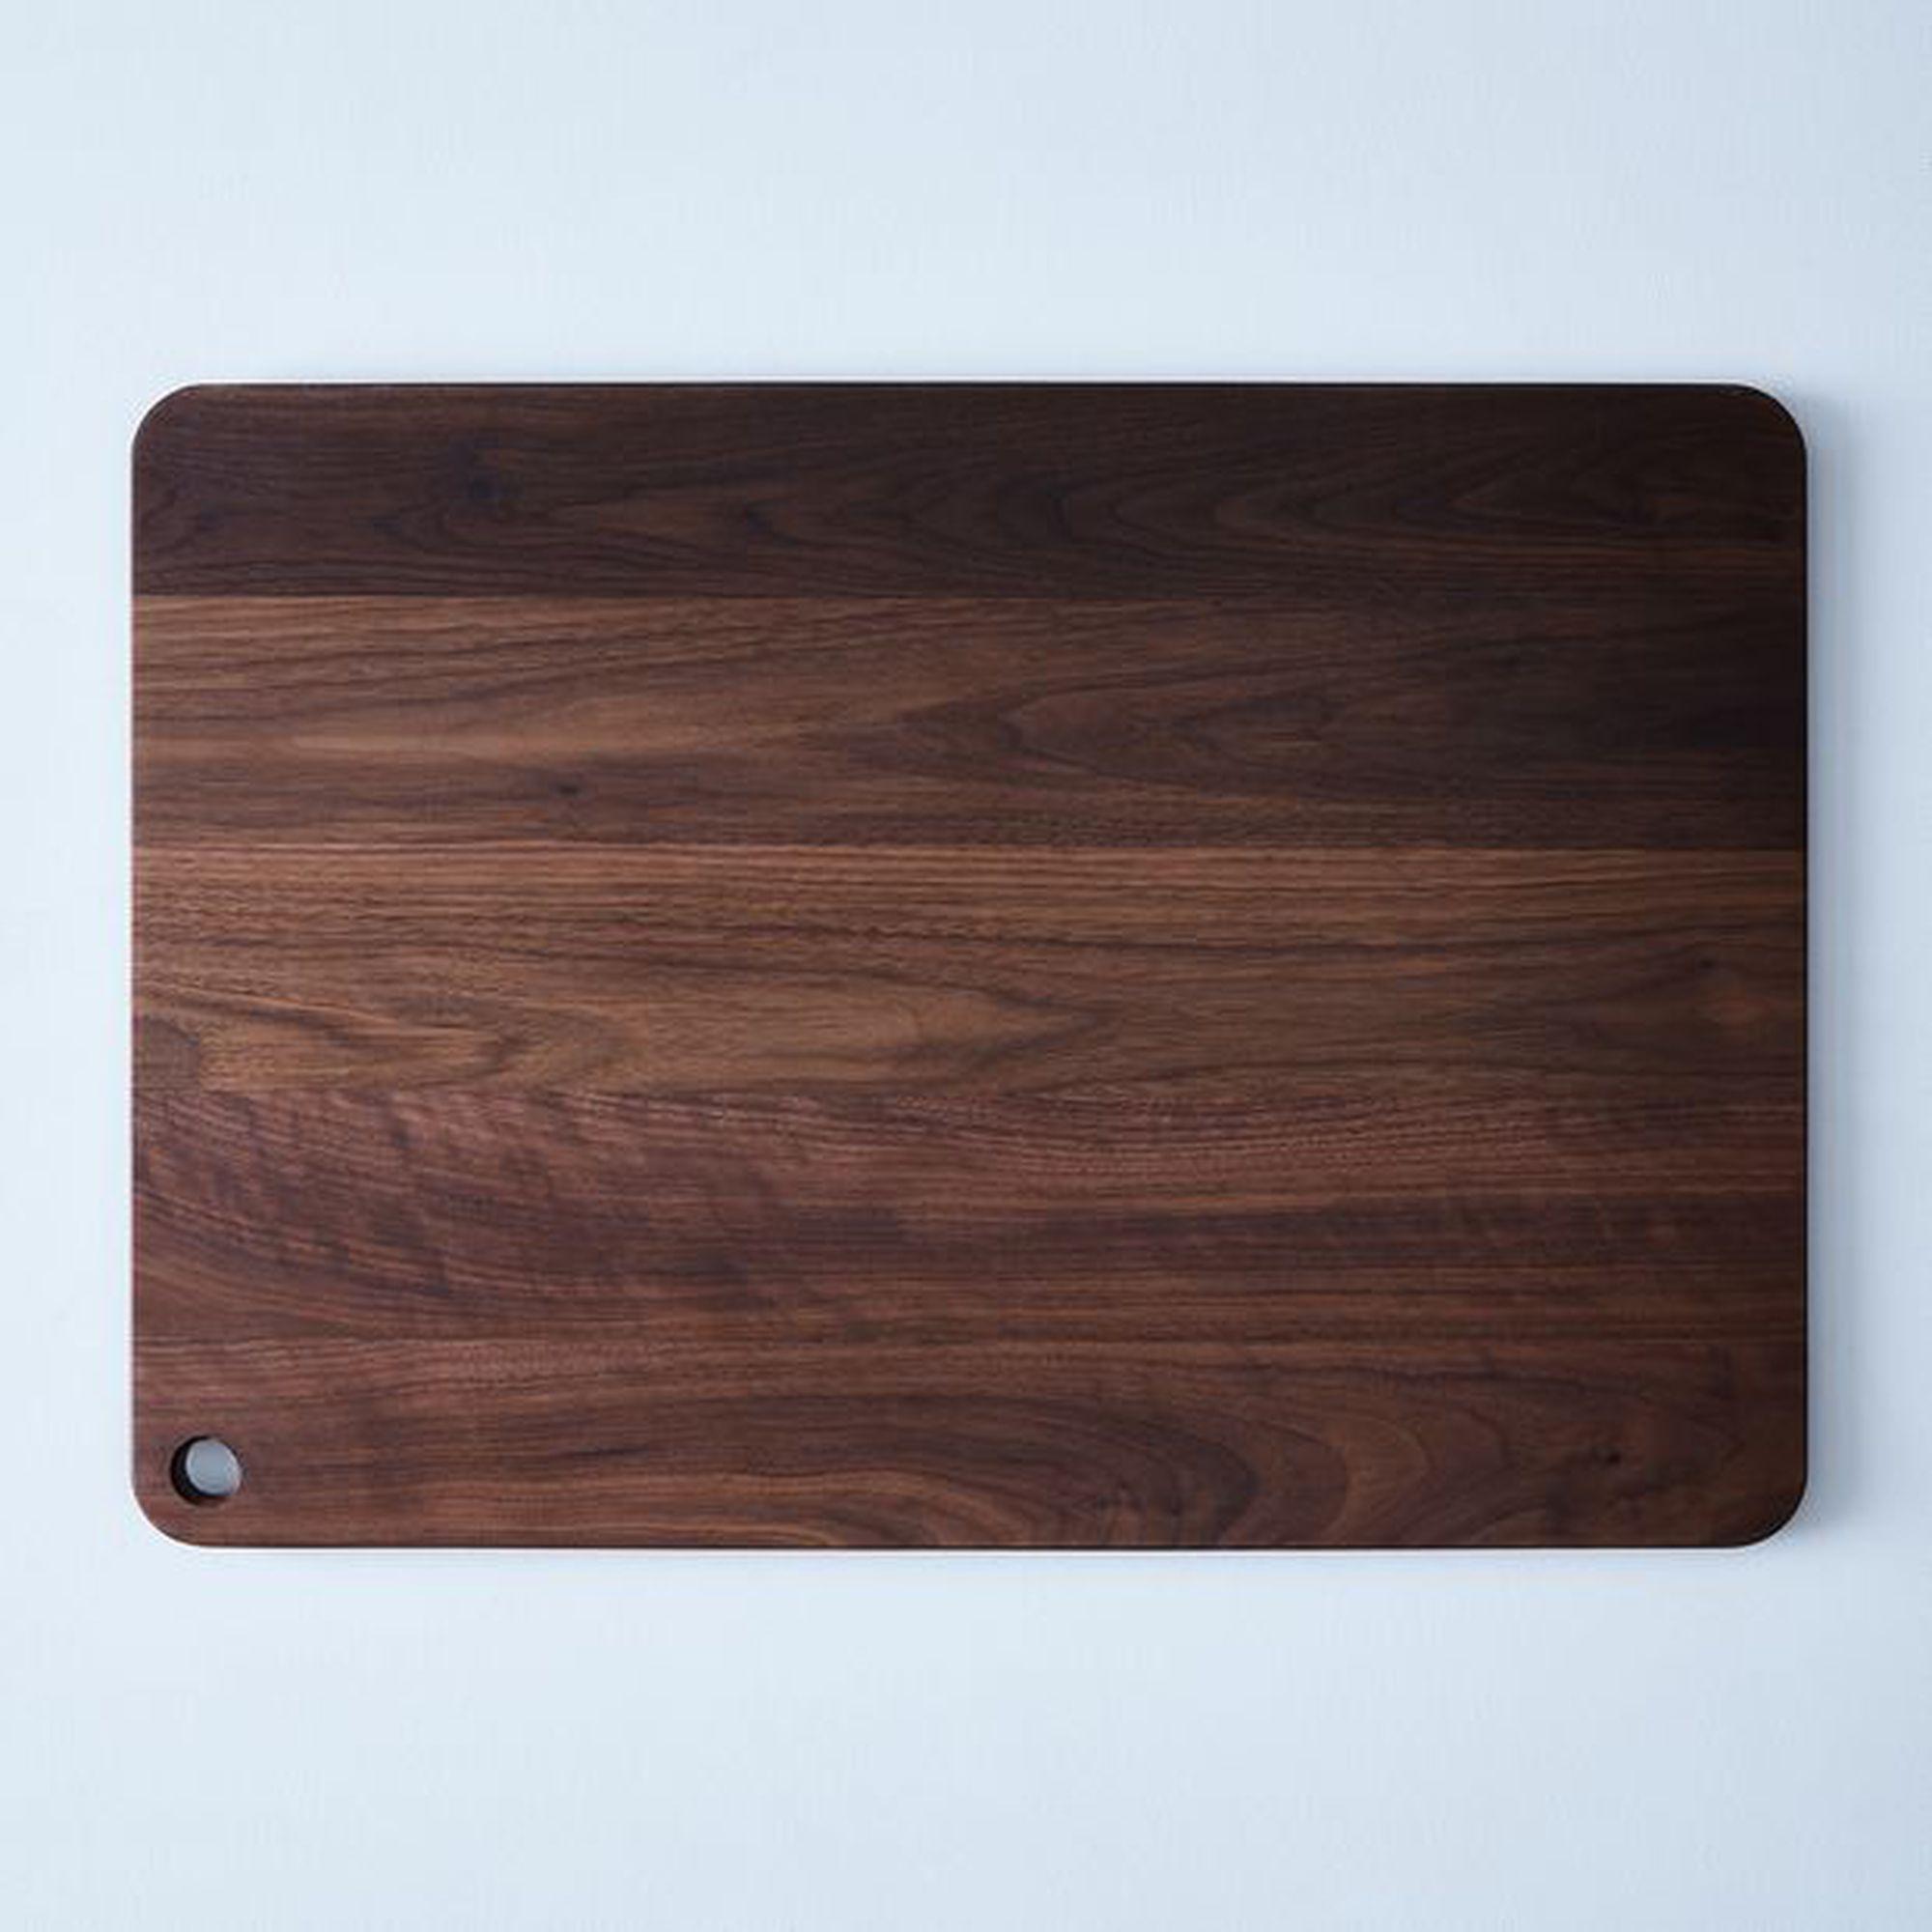 medium Walnut Cutting Board